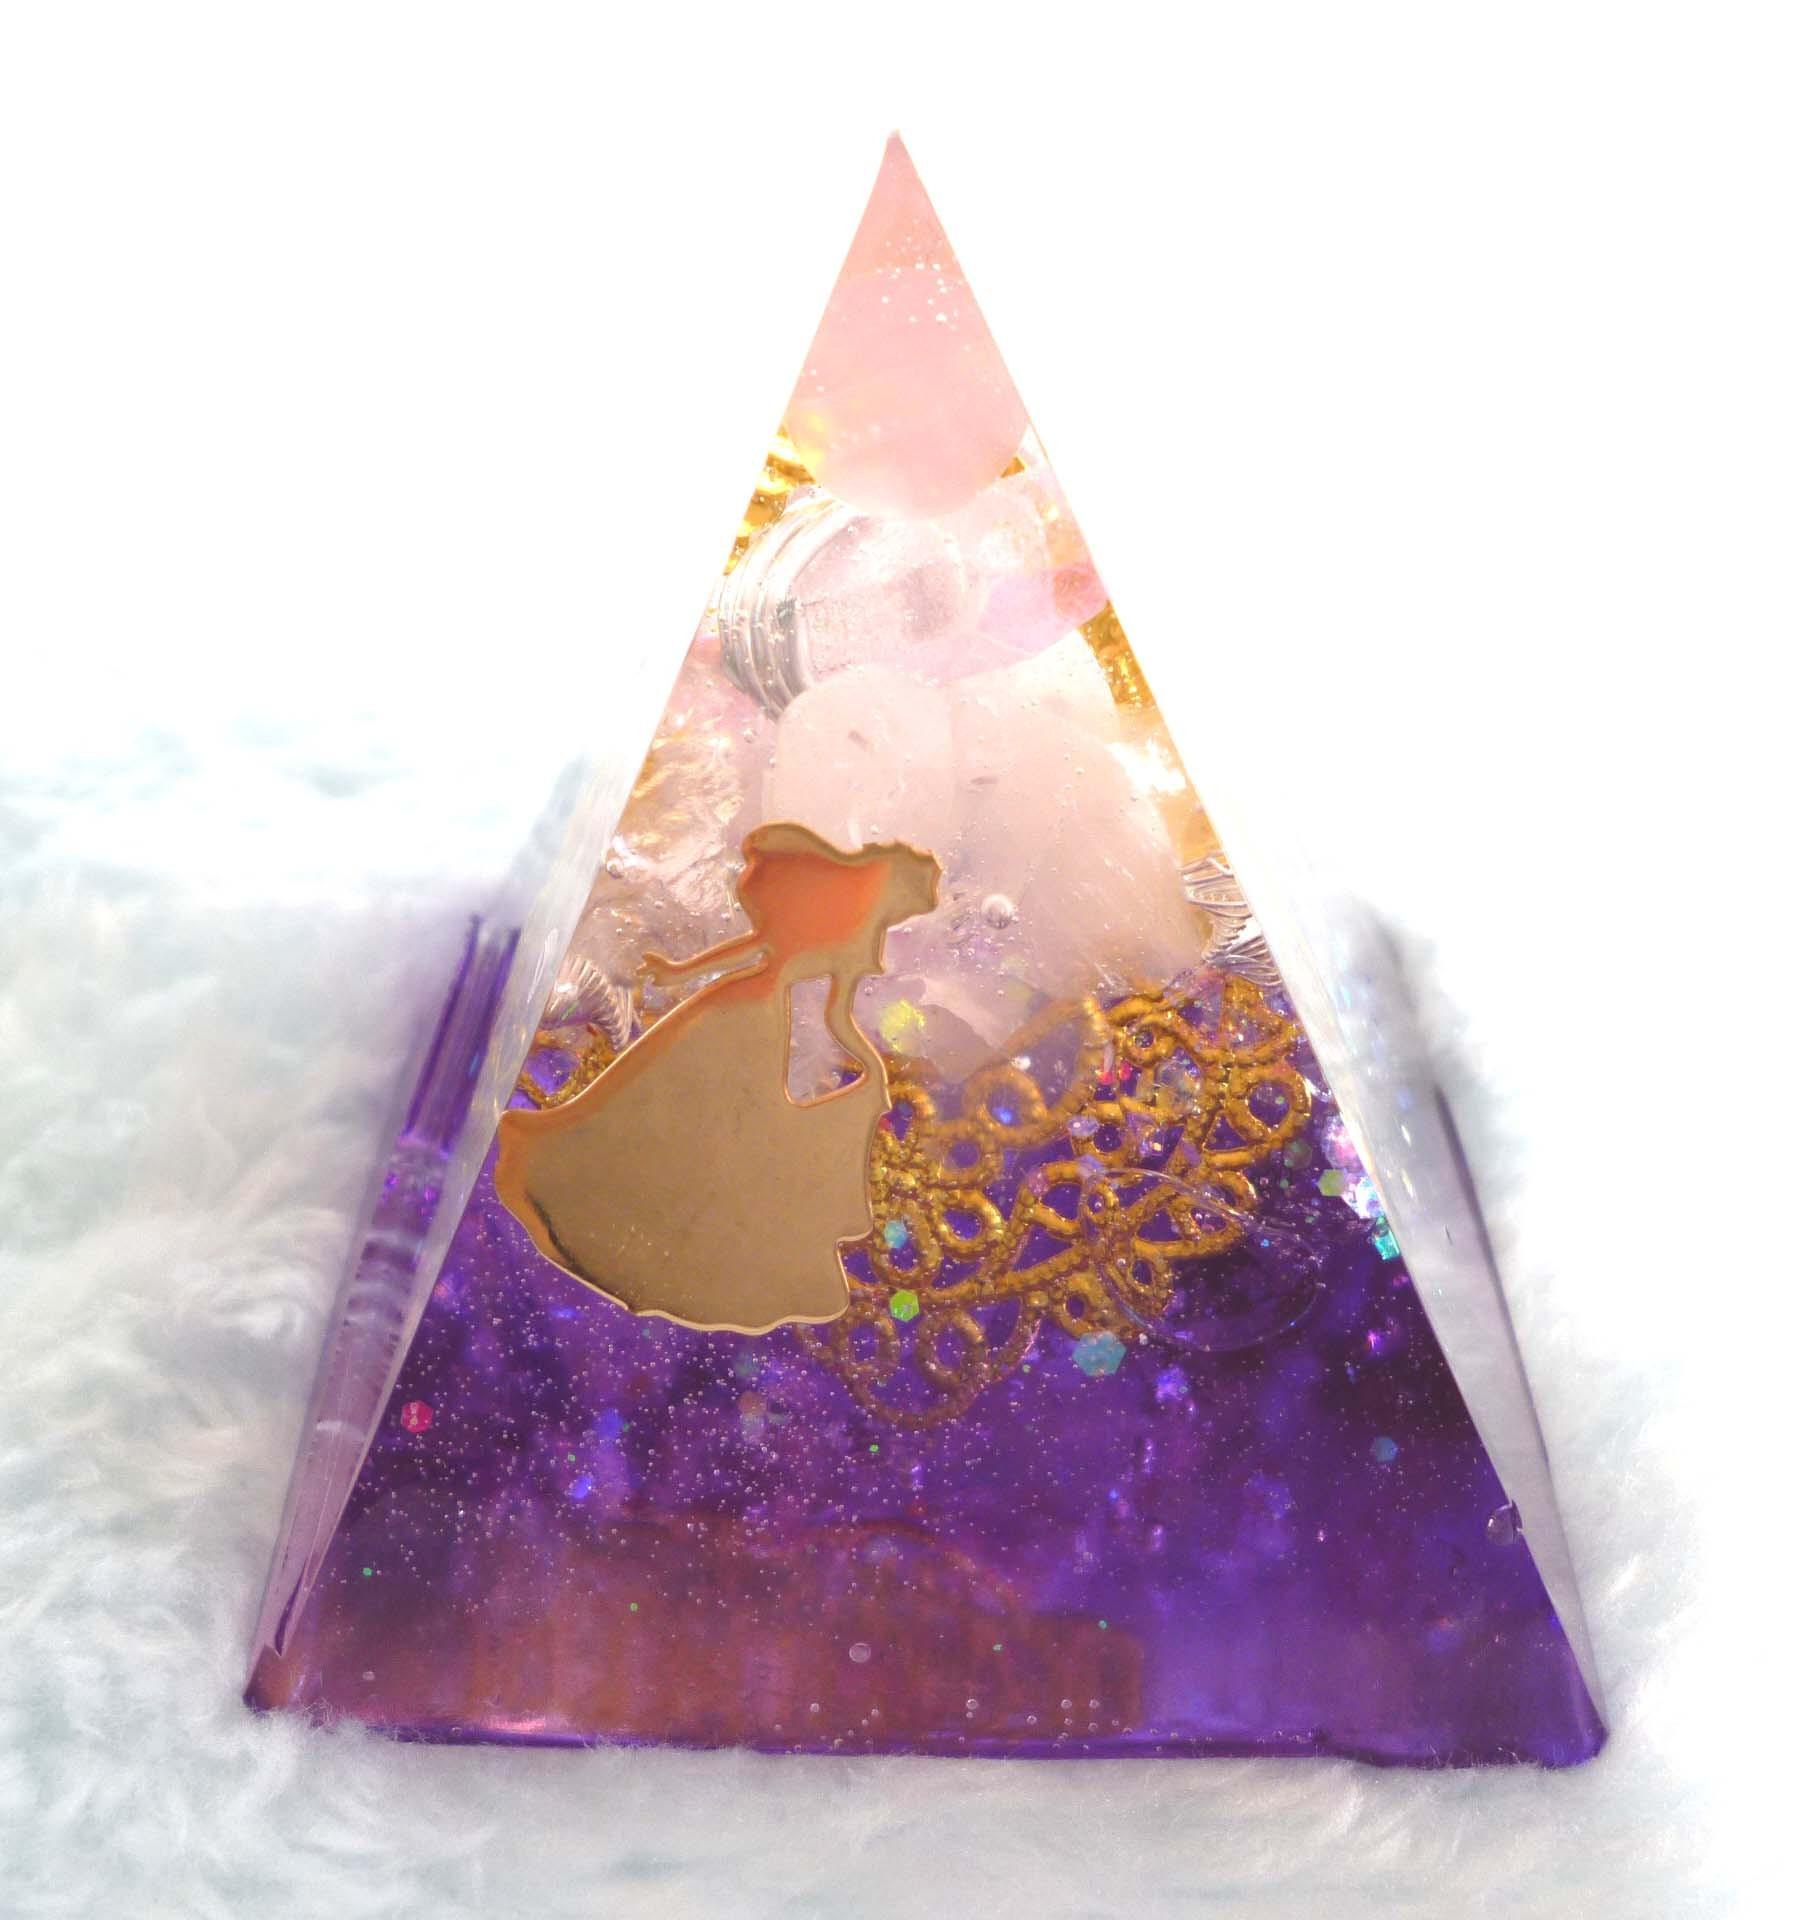 ベル・スミレ ピラミッド型Sオルゴナイト